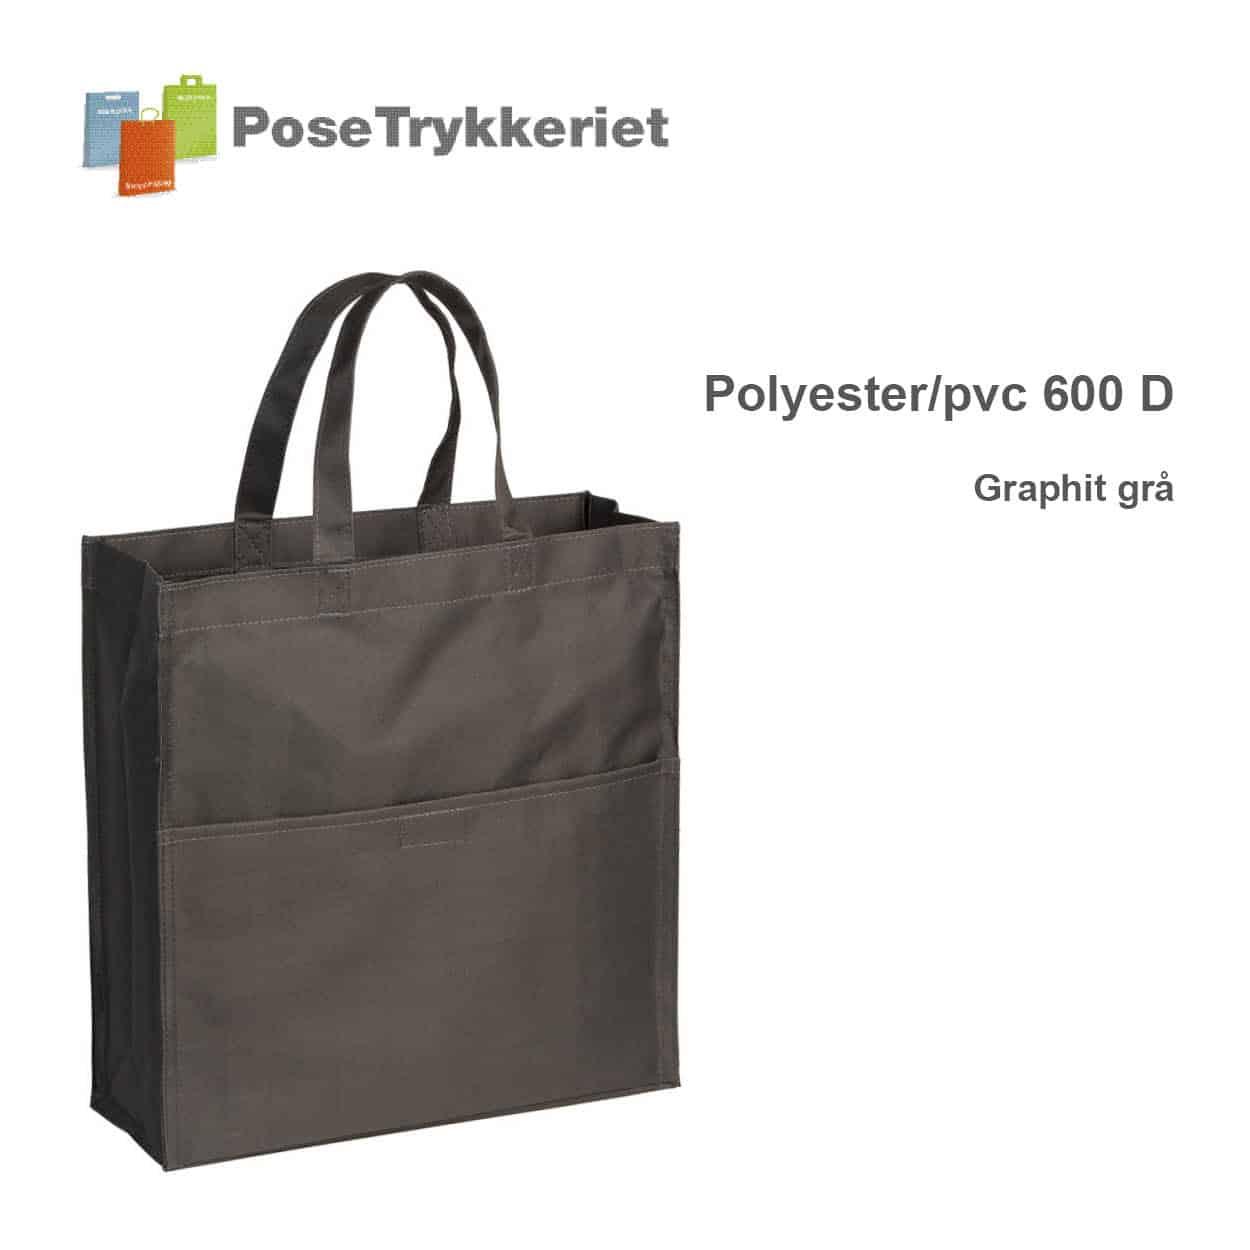 Revisor poser polyester 600 D. Graphit grå. PoseTrykkeriet.dk